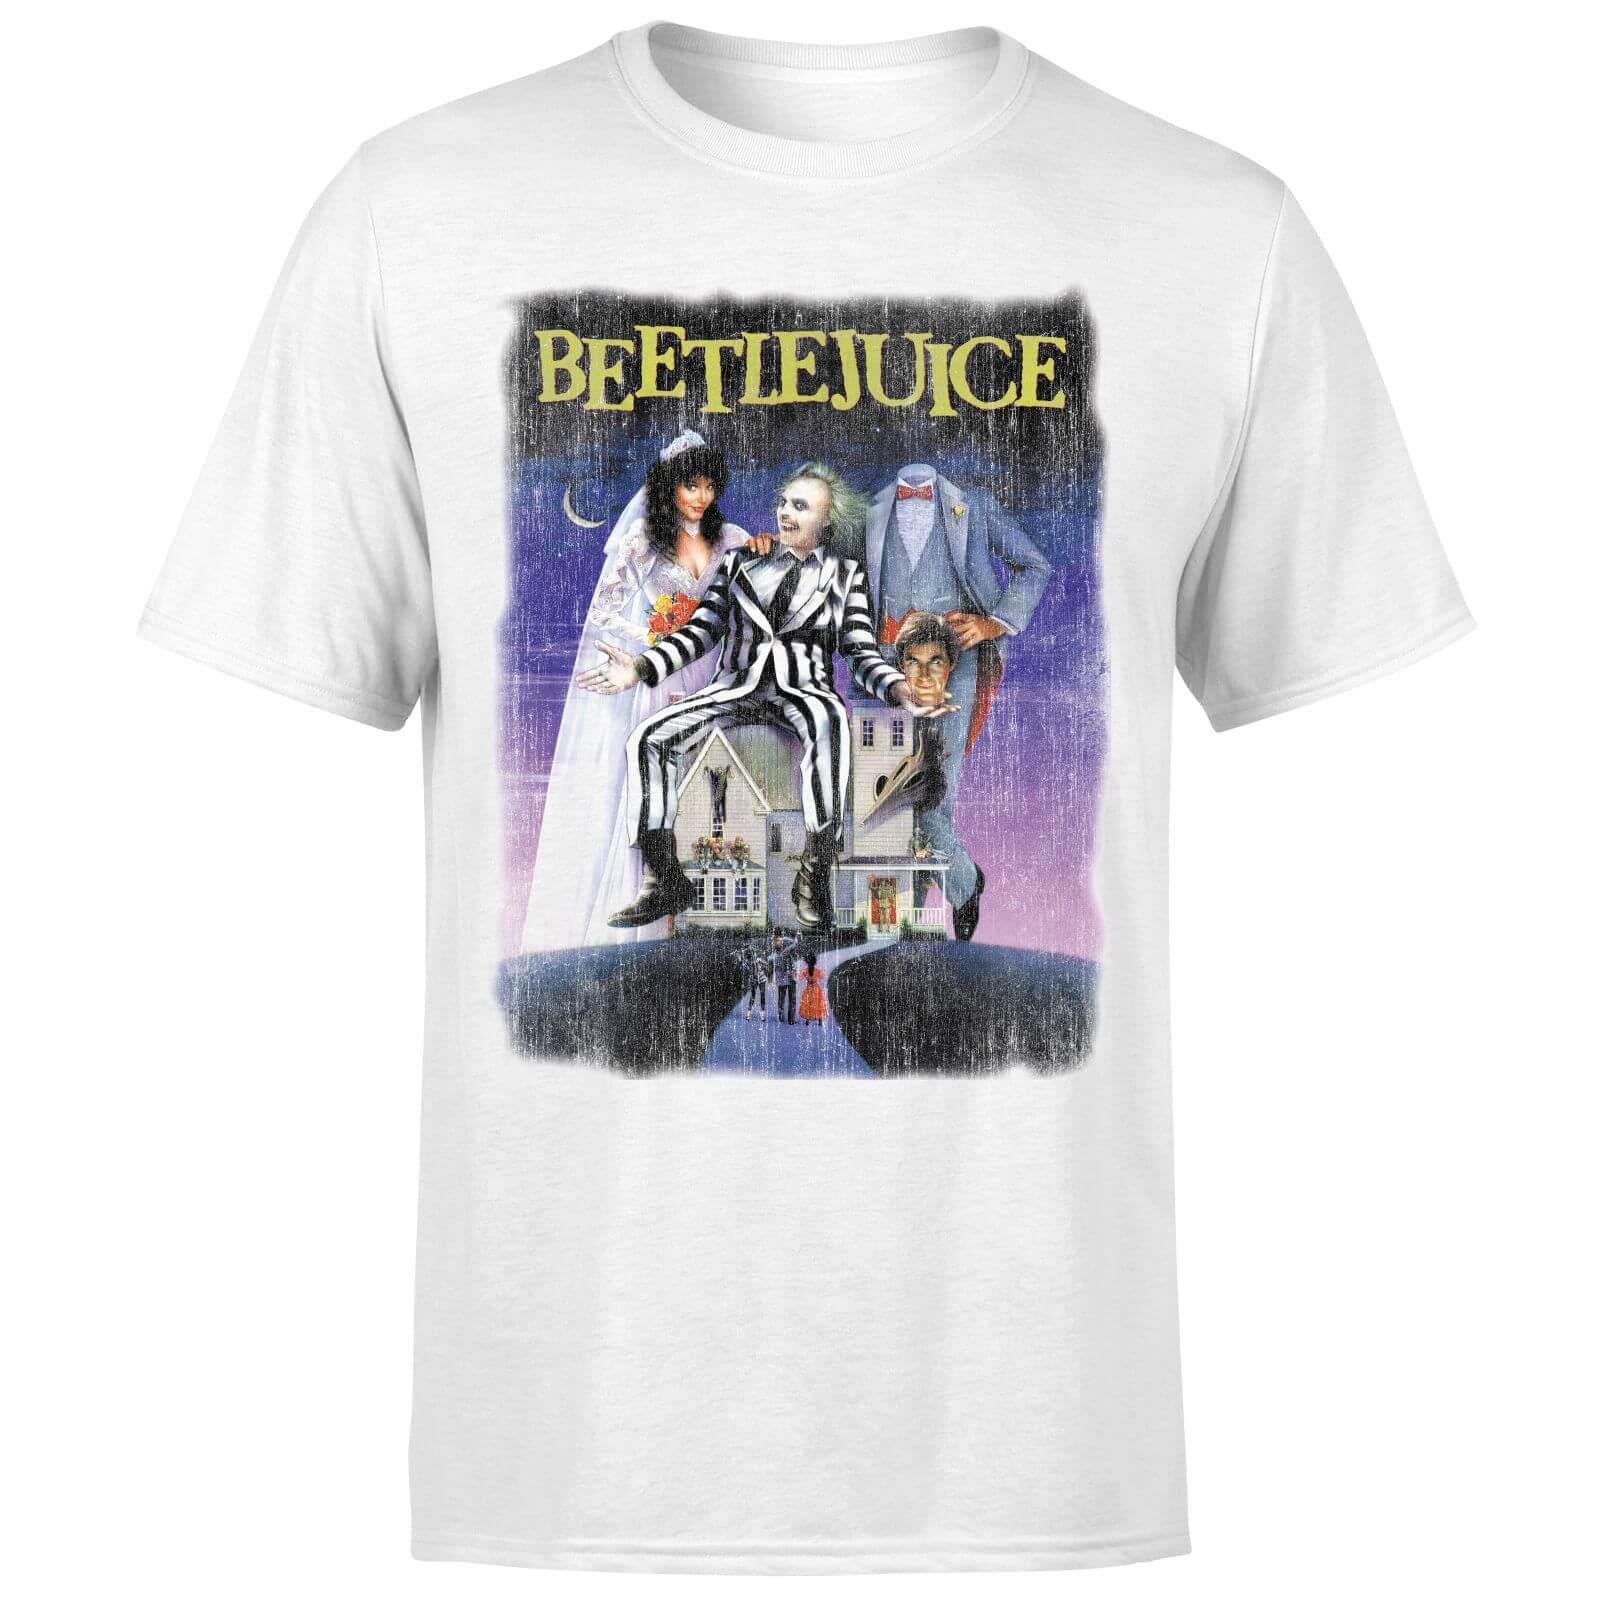 Beetlejuice T-Shirt Homme Affiche Abîmée Beetlejuice - Blanc - S - Blanc